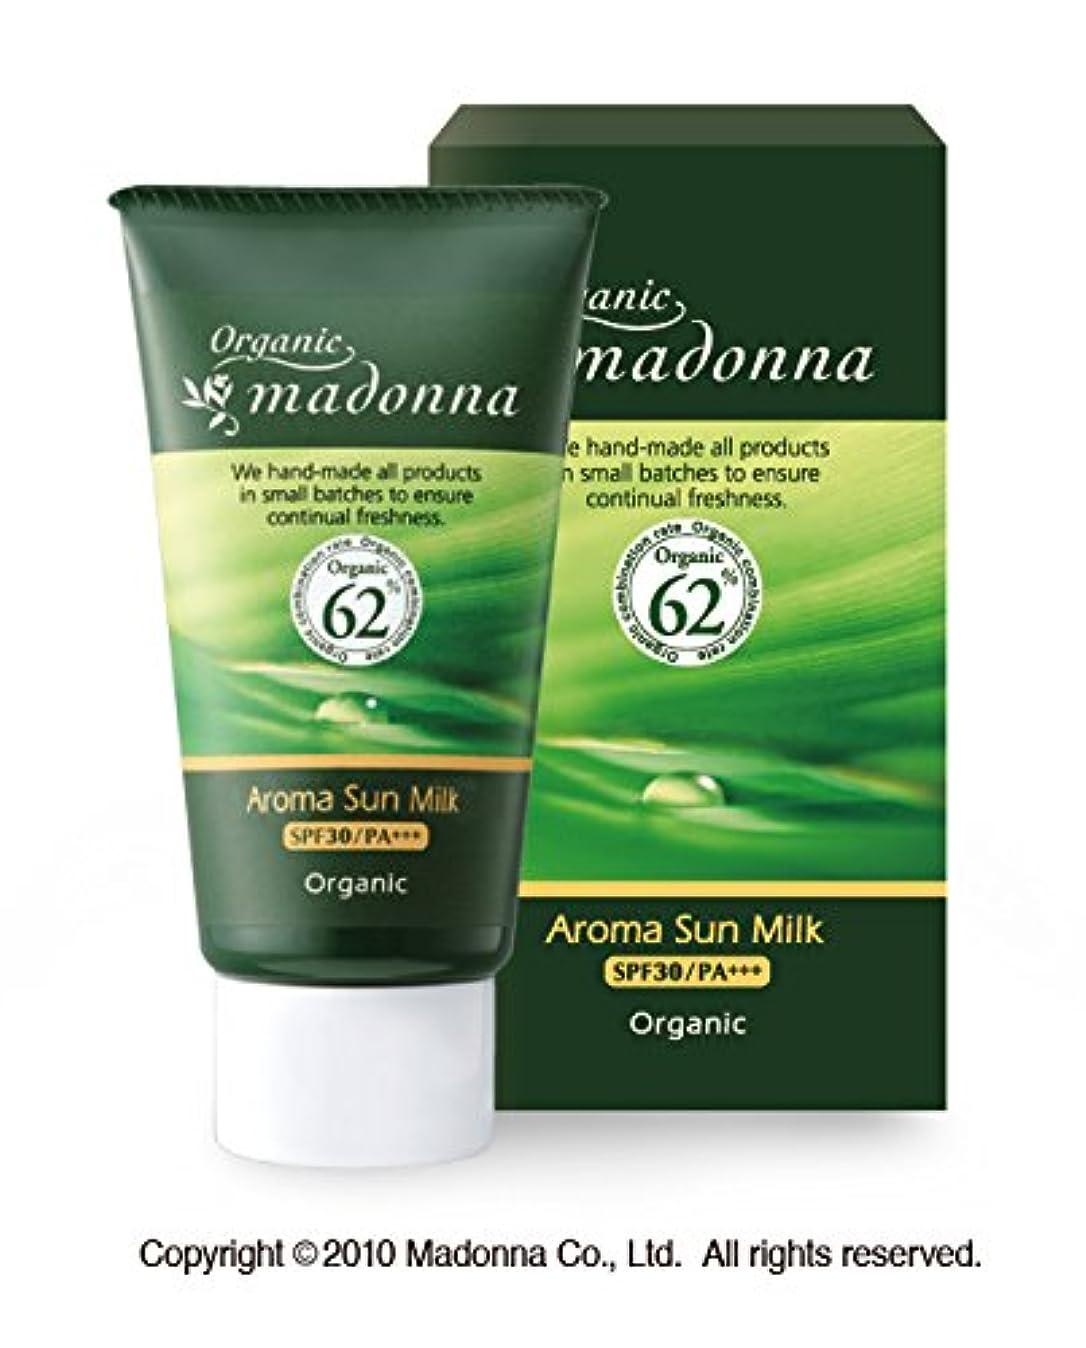 仕事に行く代名詞グリップオーガニックマドンナ アロマサンミルク45g(SPF30/PA+++)<オーガニック62%配合>